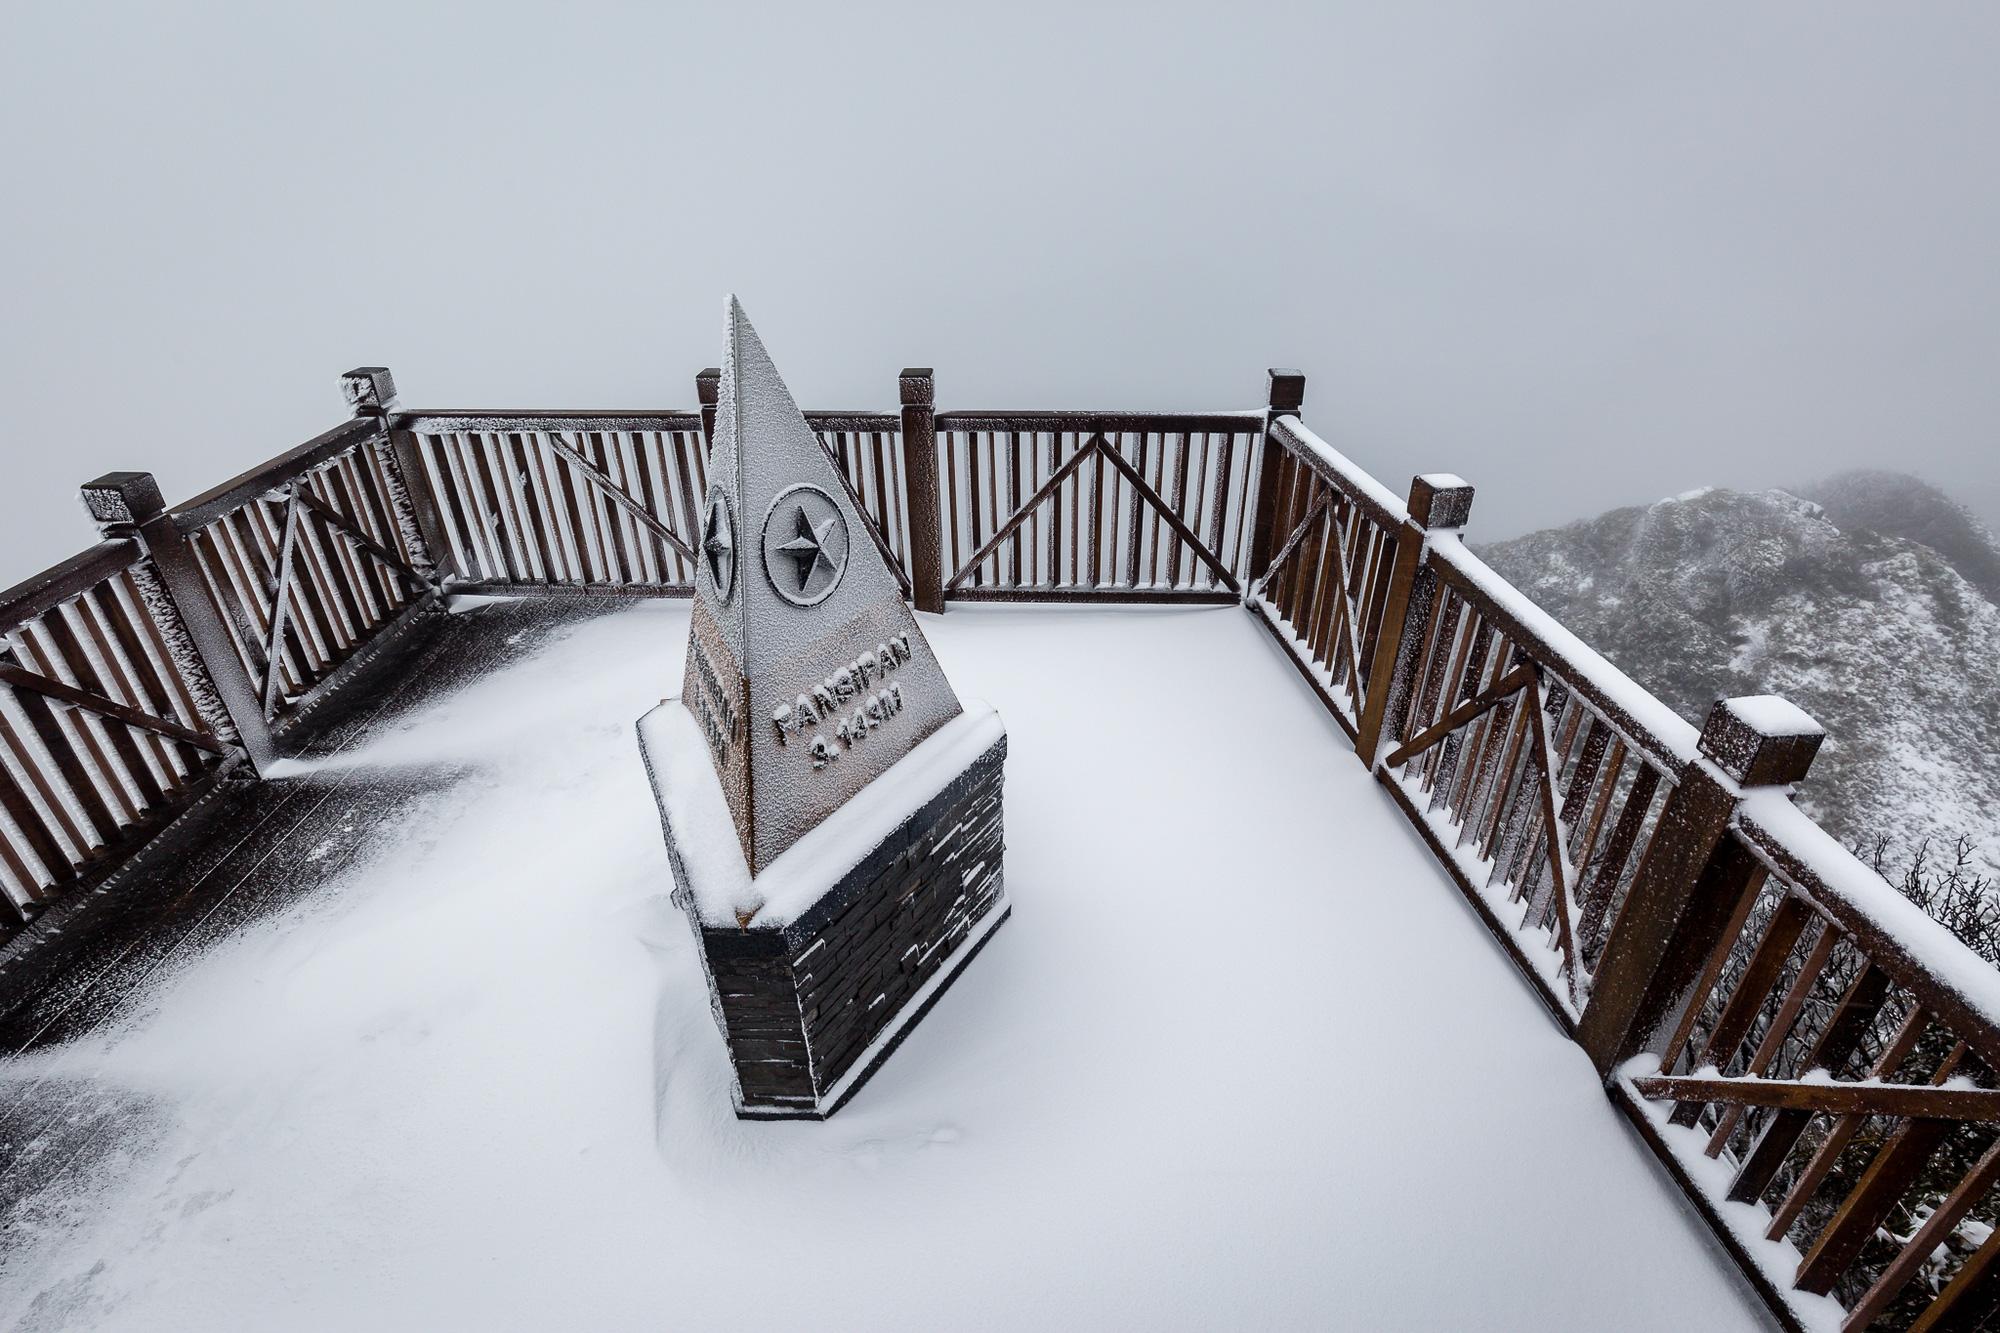 Cảnh đẹp mê ly trên đỉnh Fansipan trong ngày tuyết rơi dày chưa từng có - Ảnh 4.